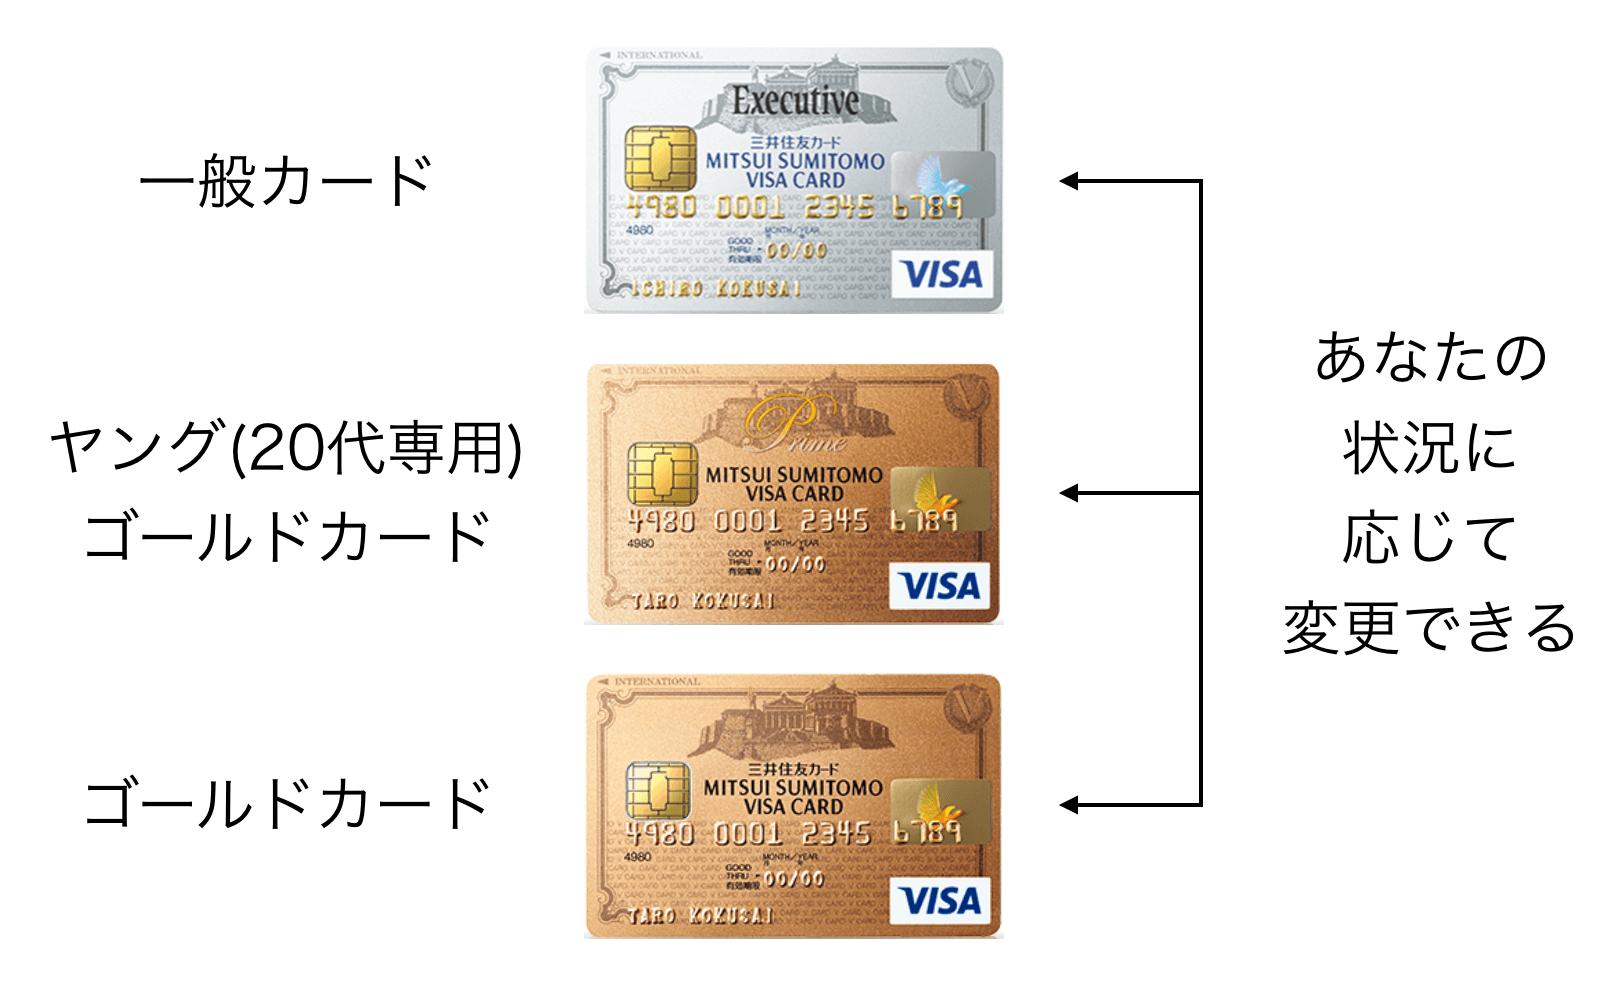 三井住友VISAエグゼクティブカード ランクアップ